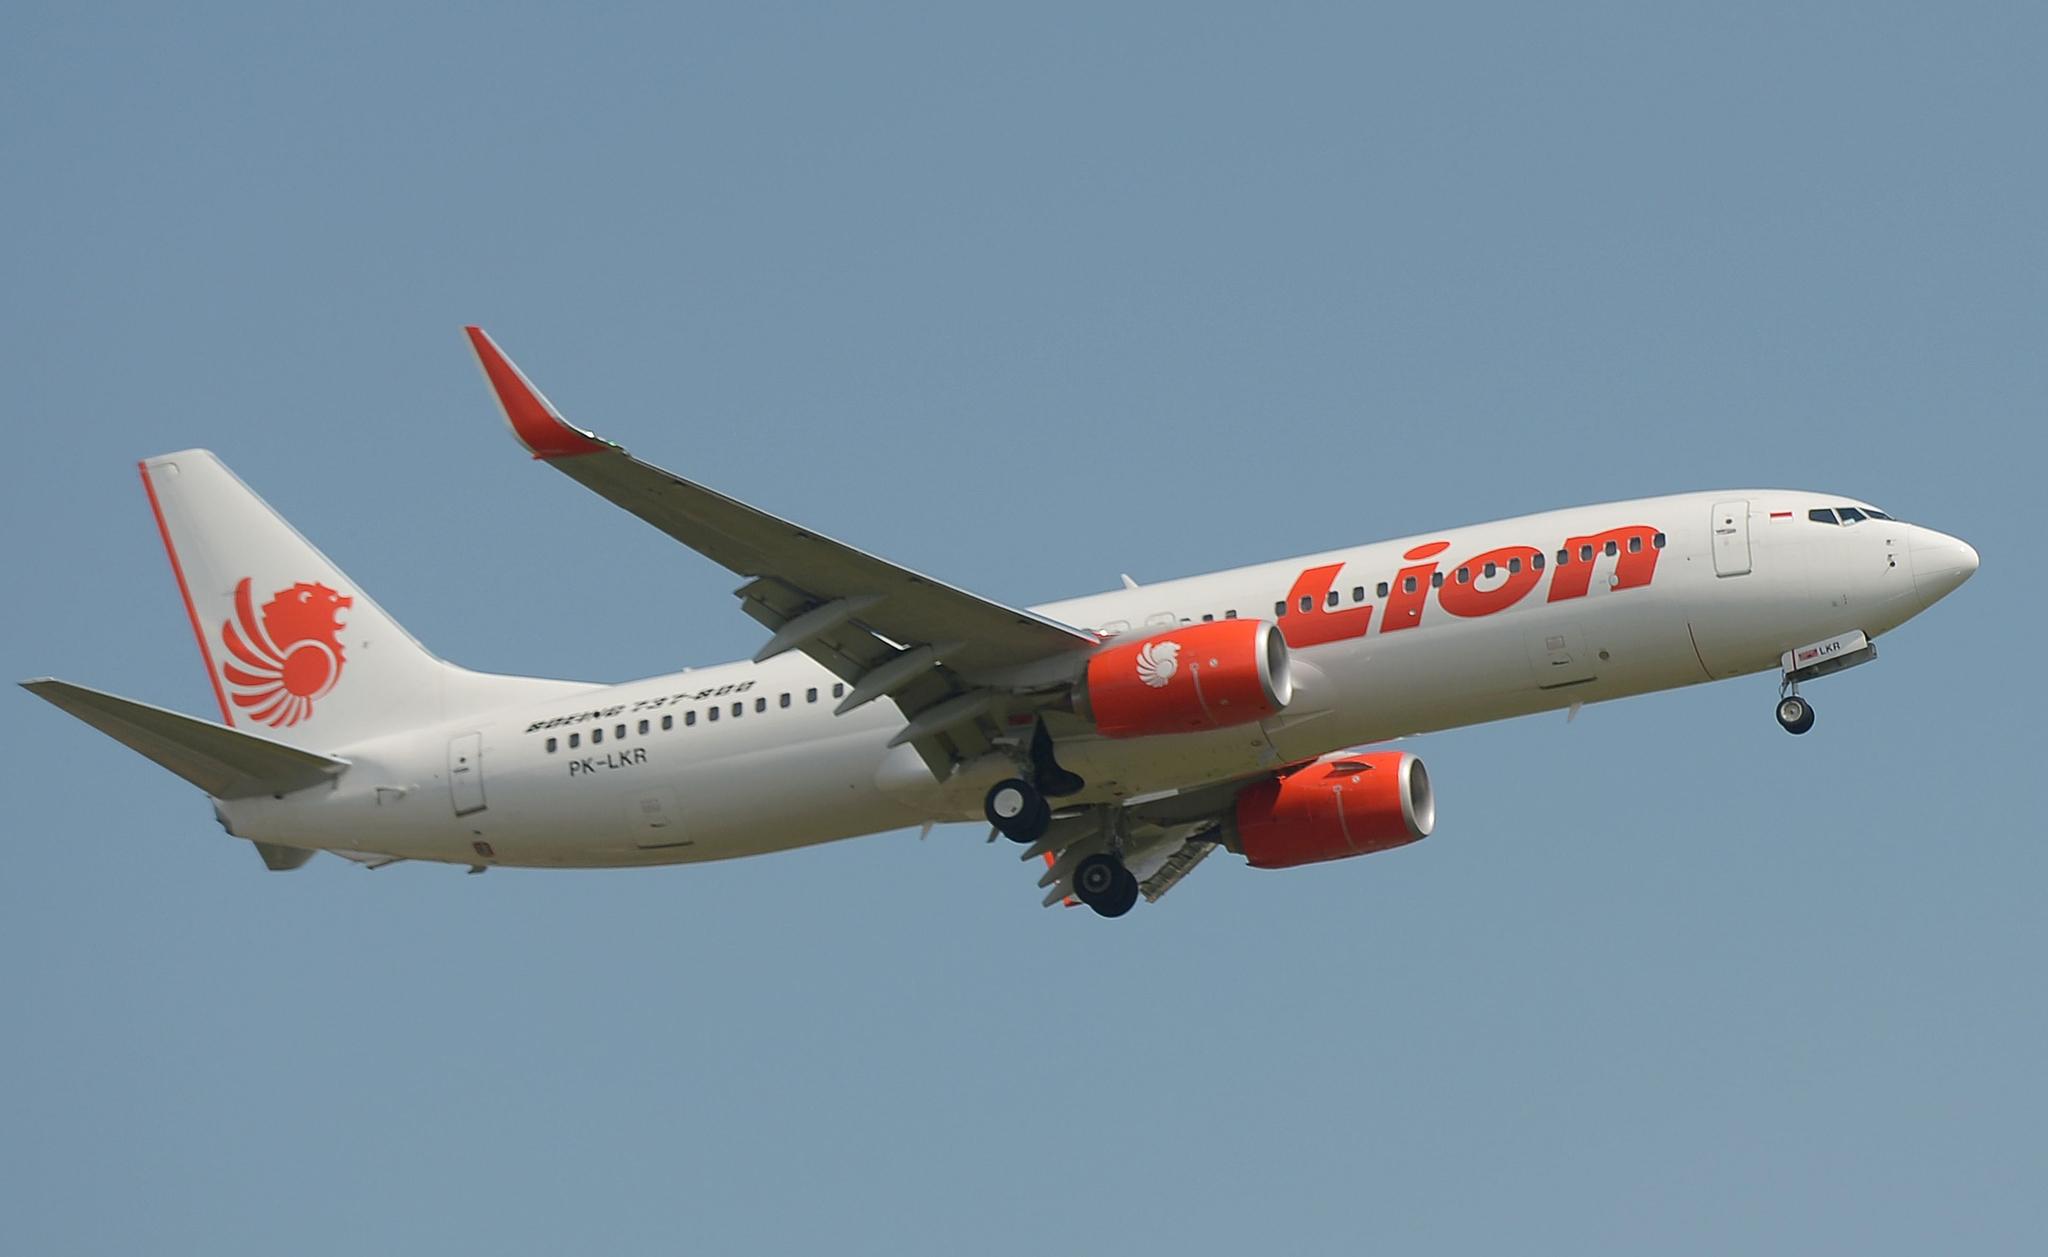 사고기와 같은 종류인 보잉 737 항공기가 자카르타 수카르노 하타 국제공항에서 이륙하고 있다. [AFP=연합뉴스]